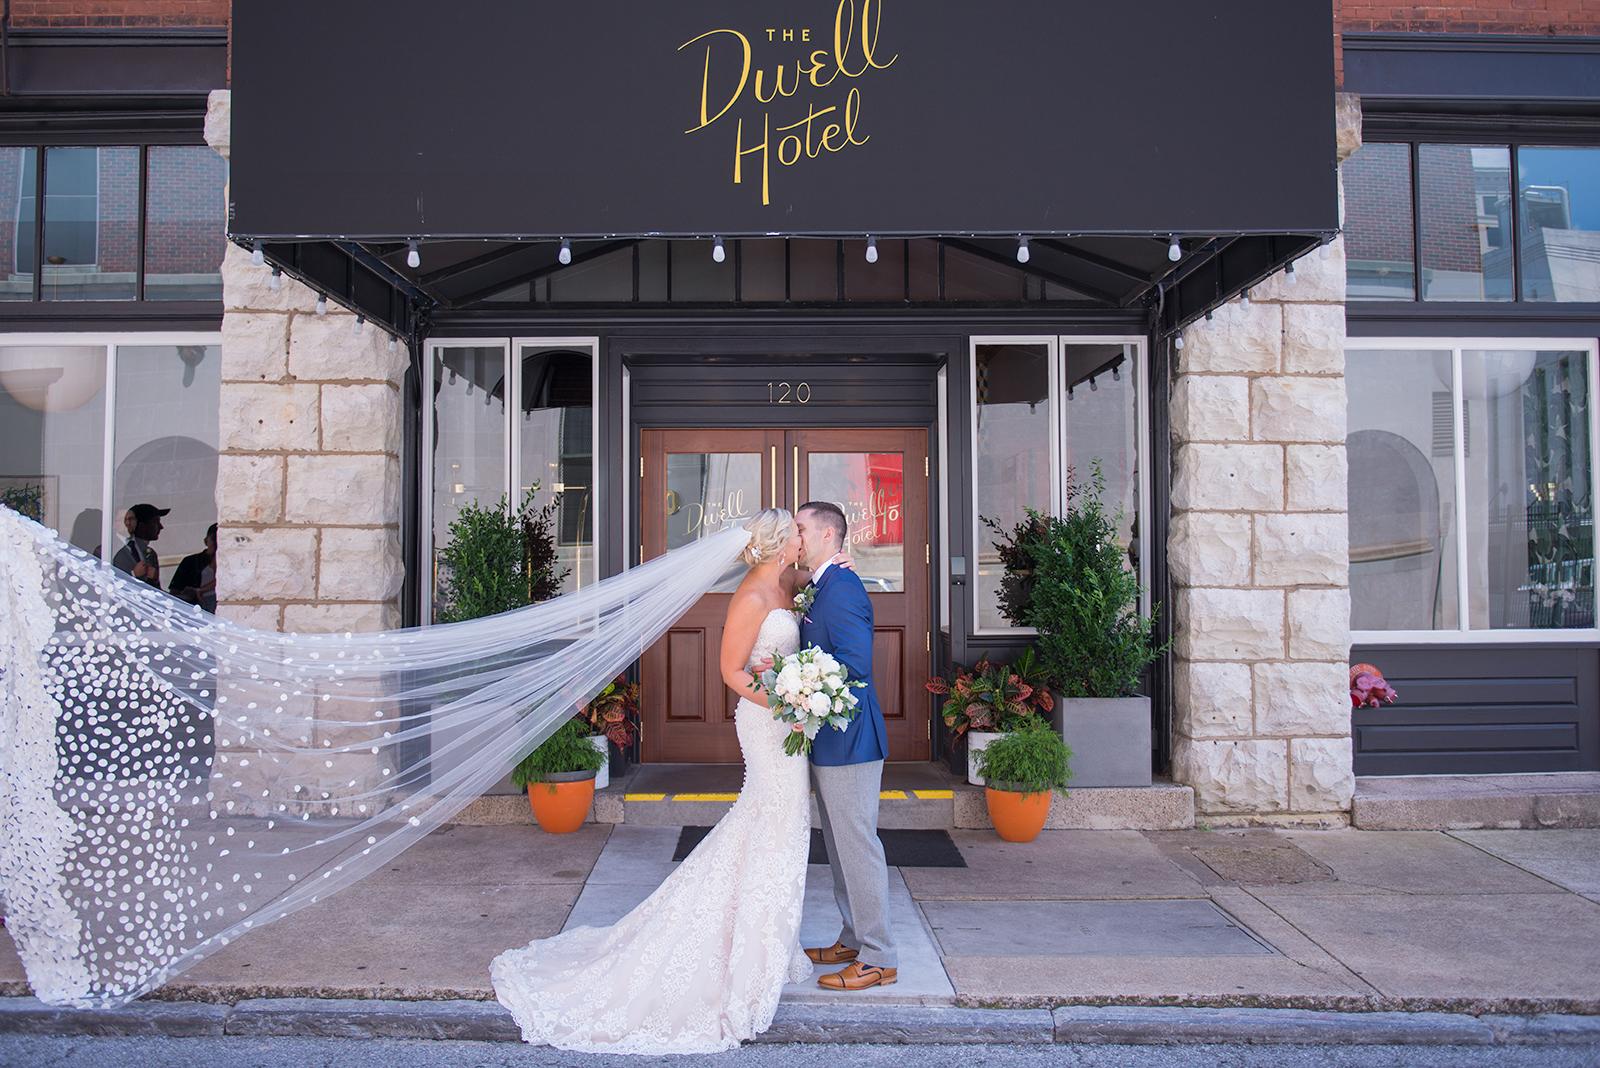 Dwell-Hotel-Wedding.jpg